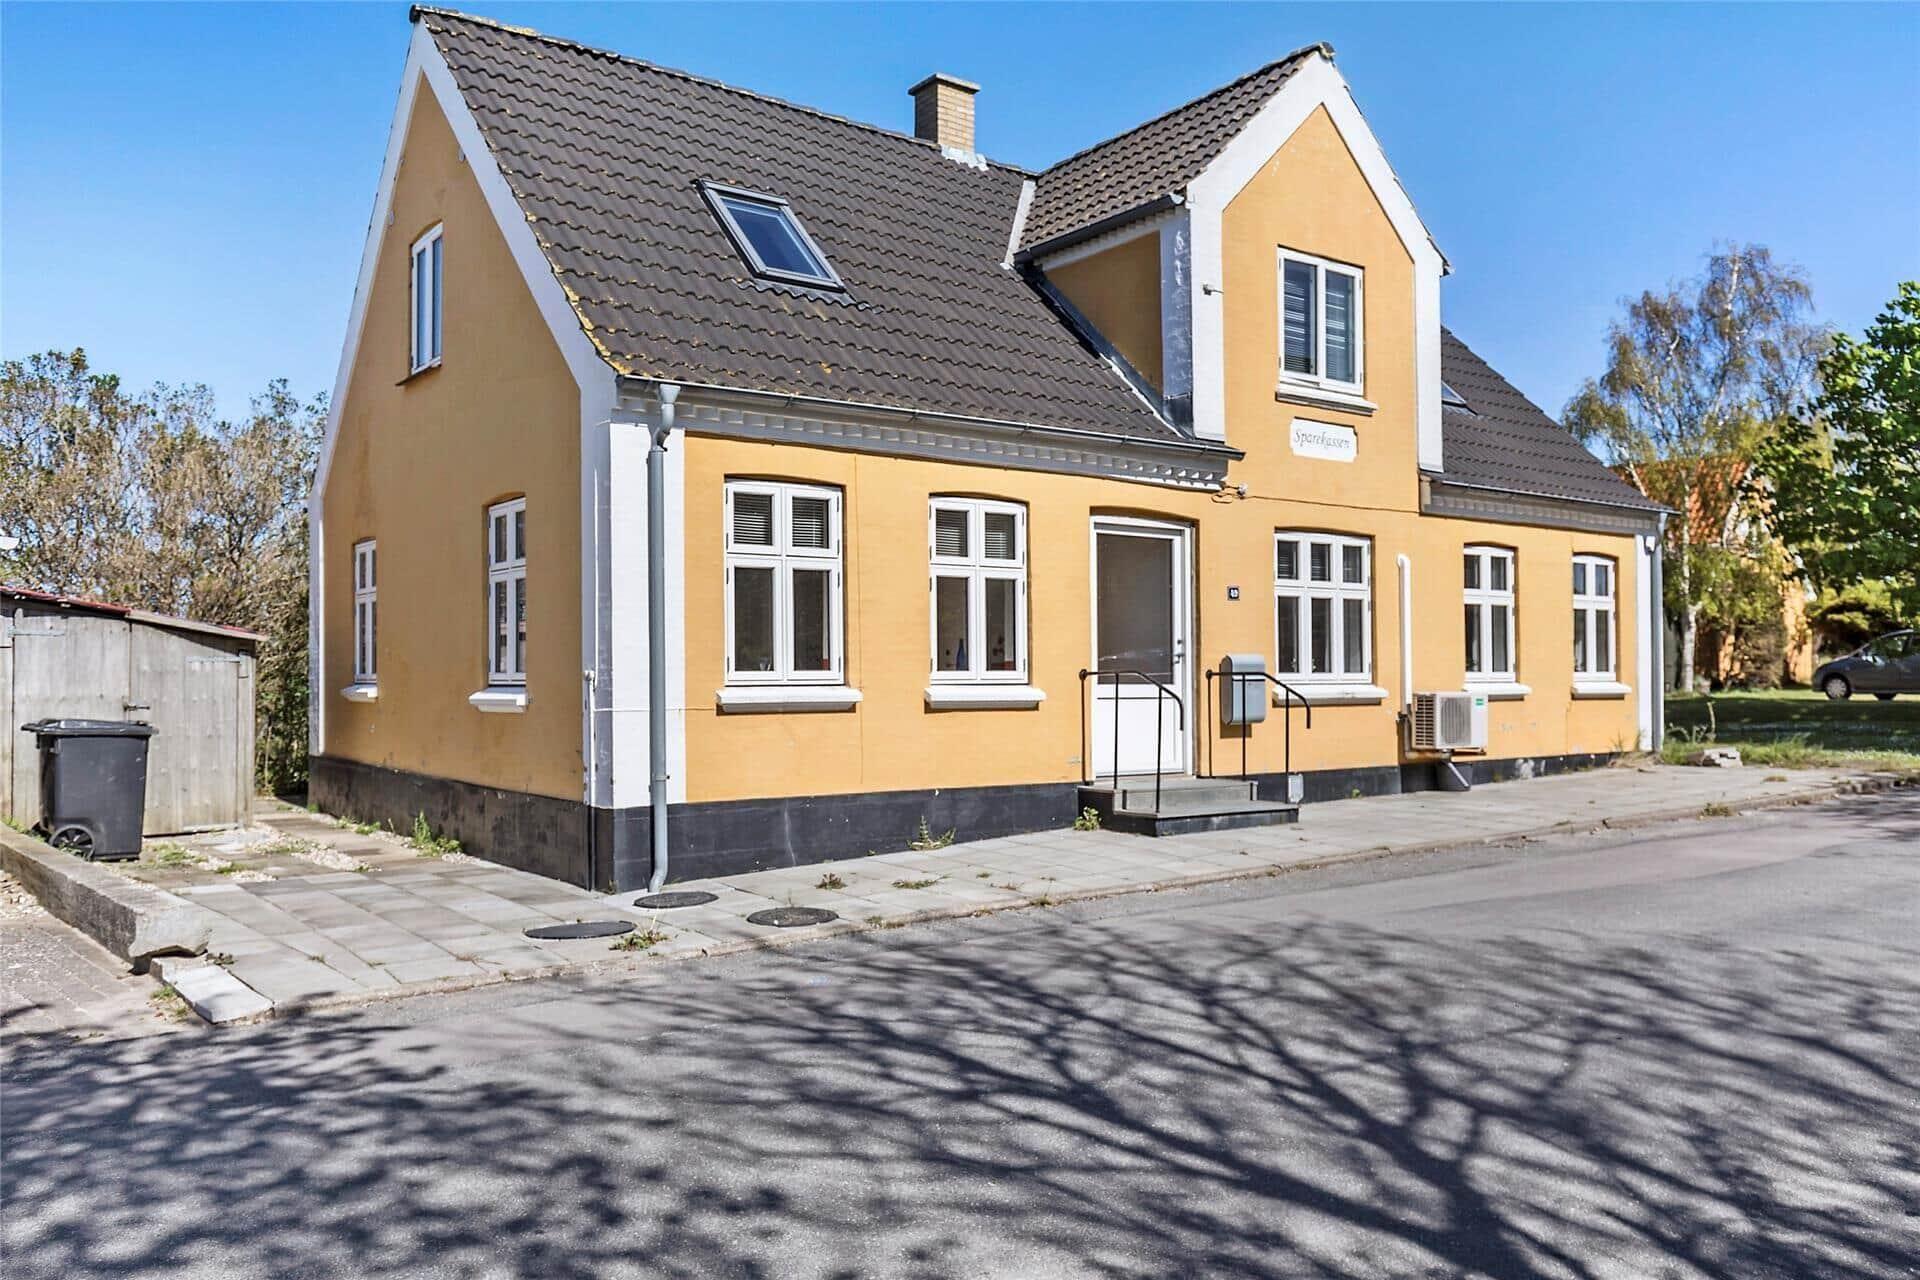 Billede 1-26 Sommerhus K19102, Sejerbyvej 49, DK - 4592 Sejerø